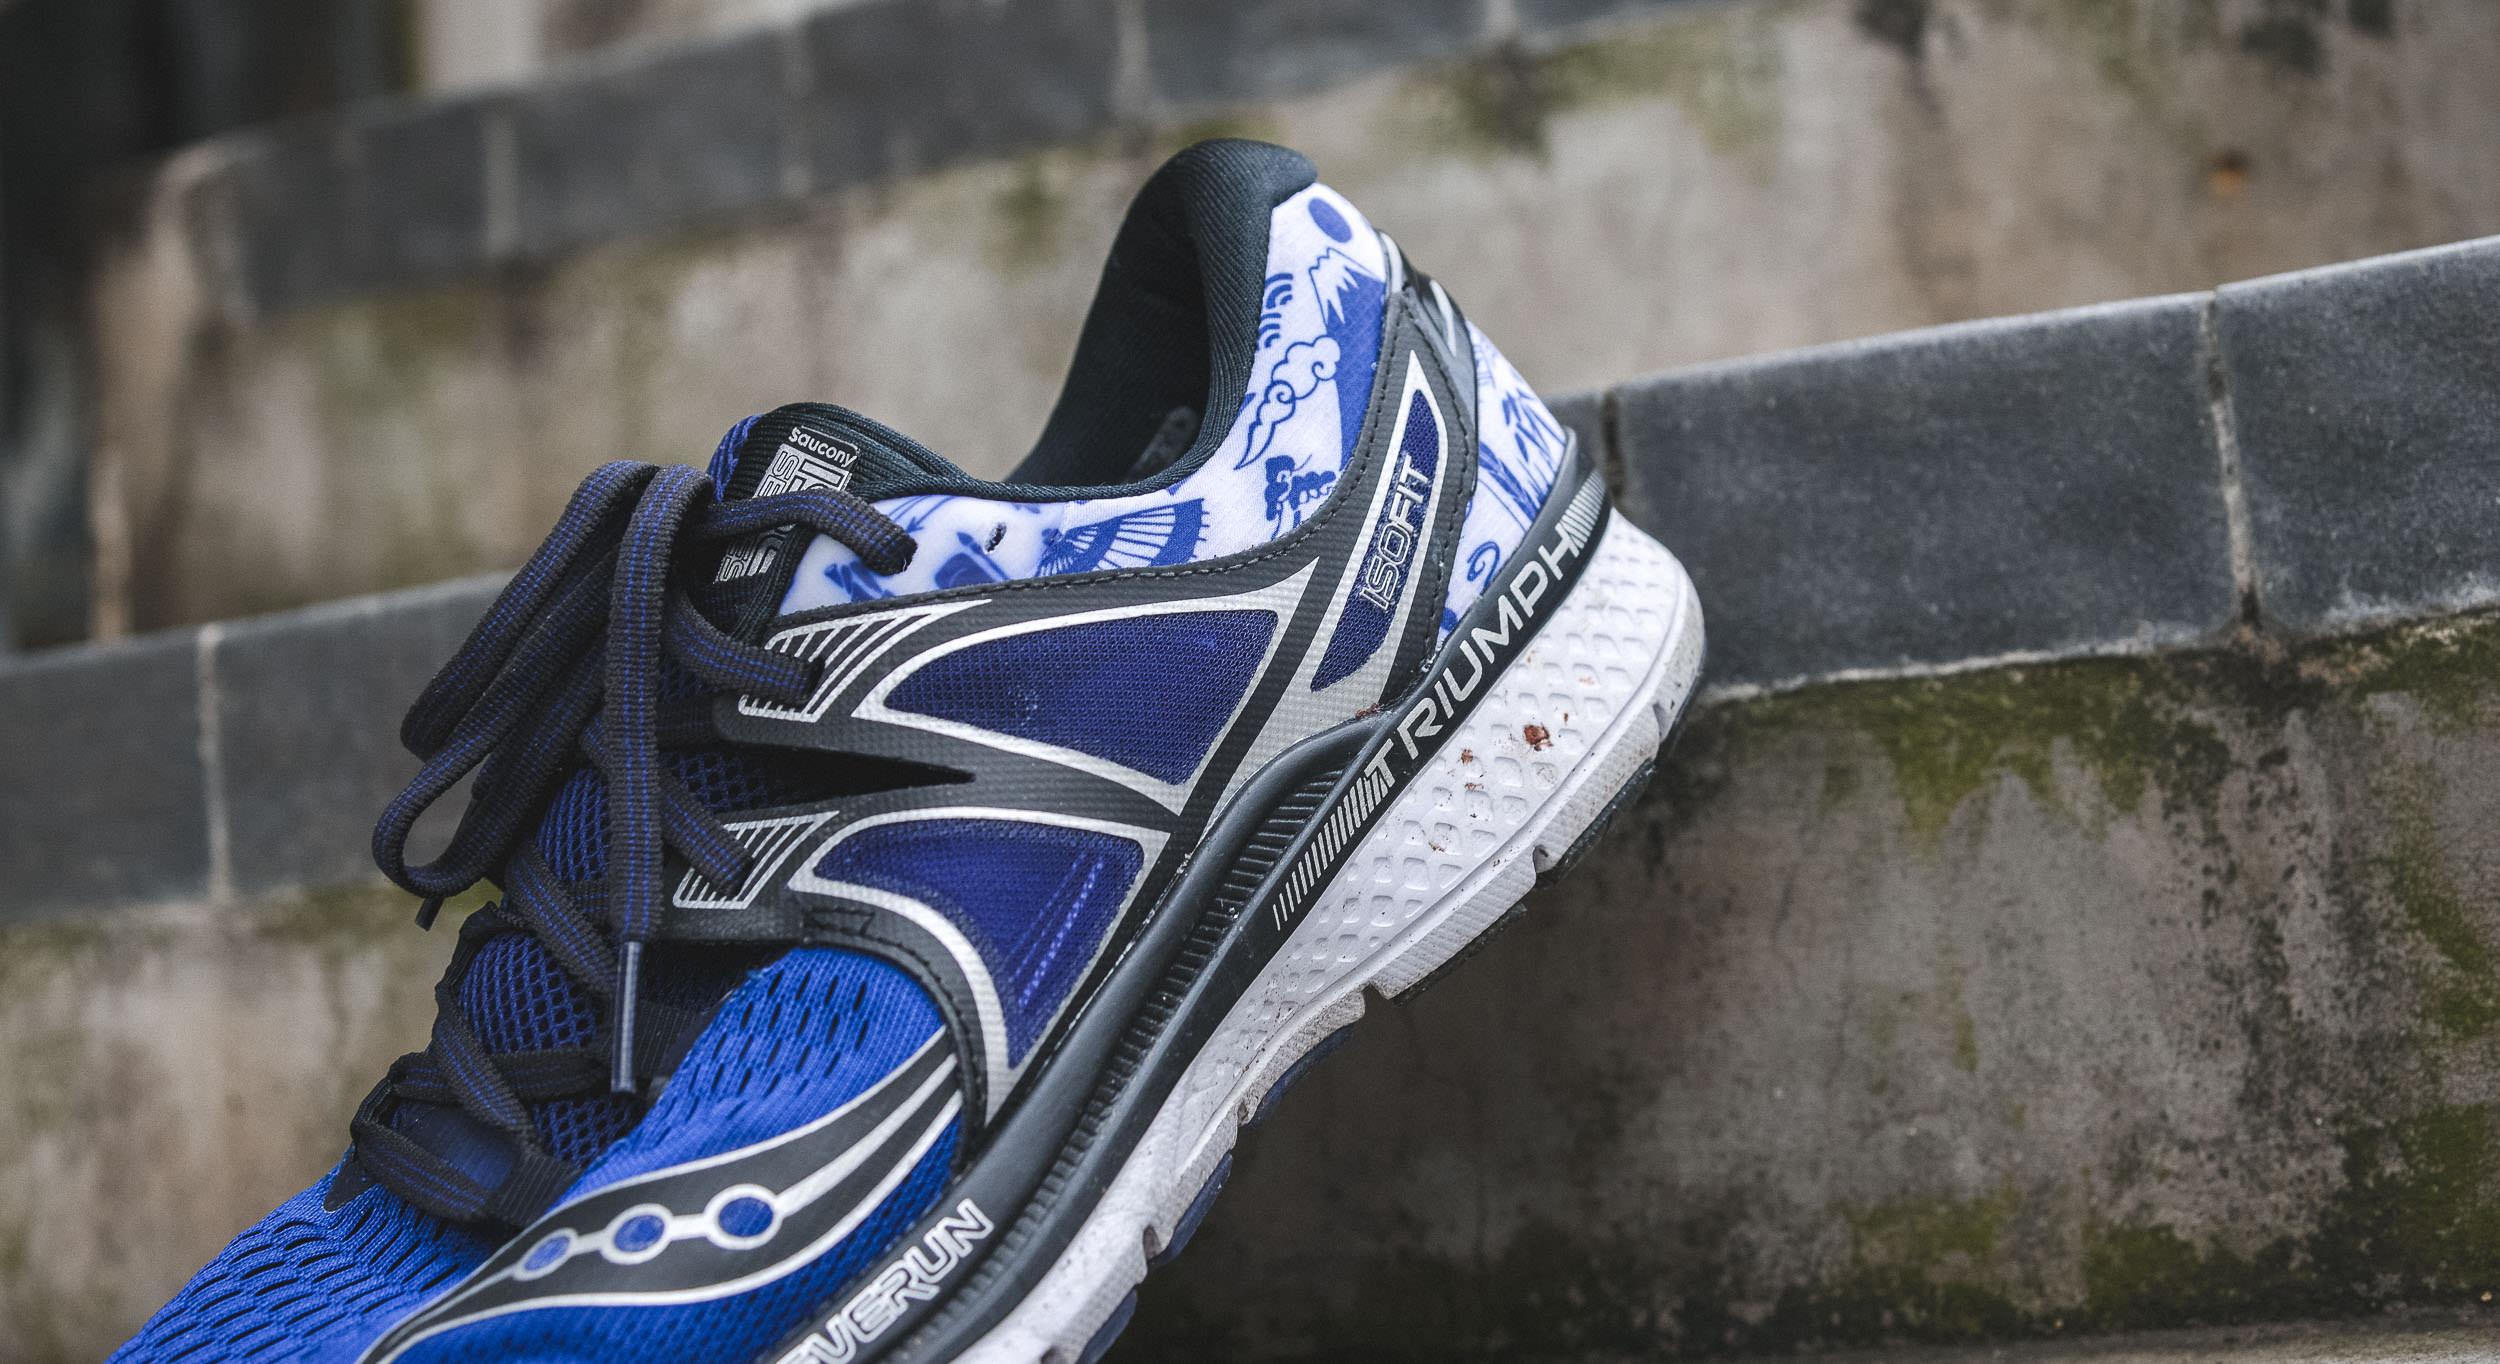 跑鞋   这是最出色的ISO一代?Saucony Triumph ISO 3深度评测